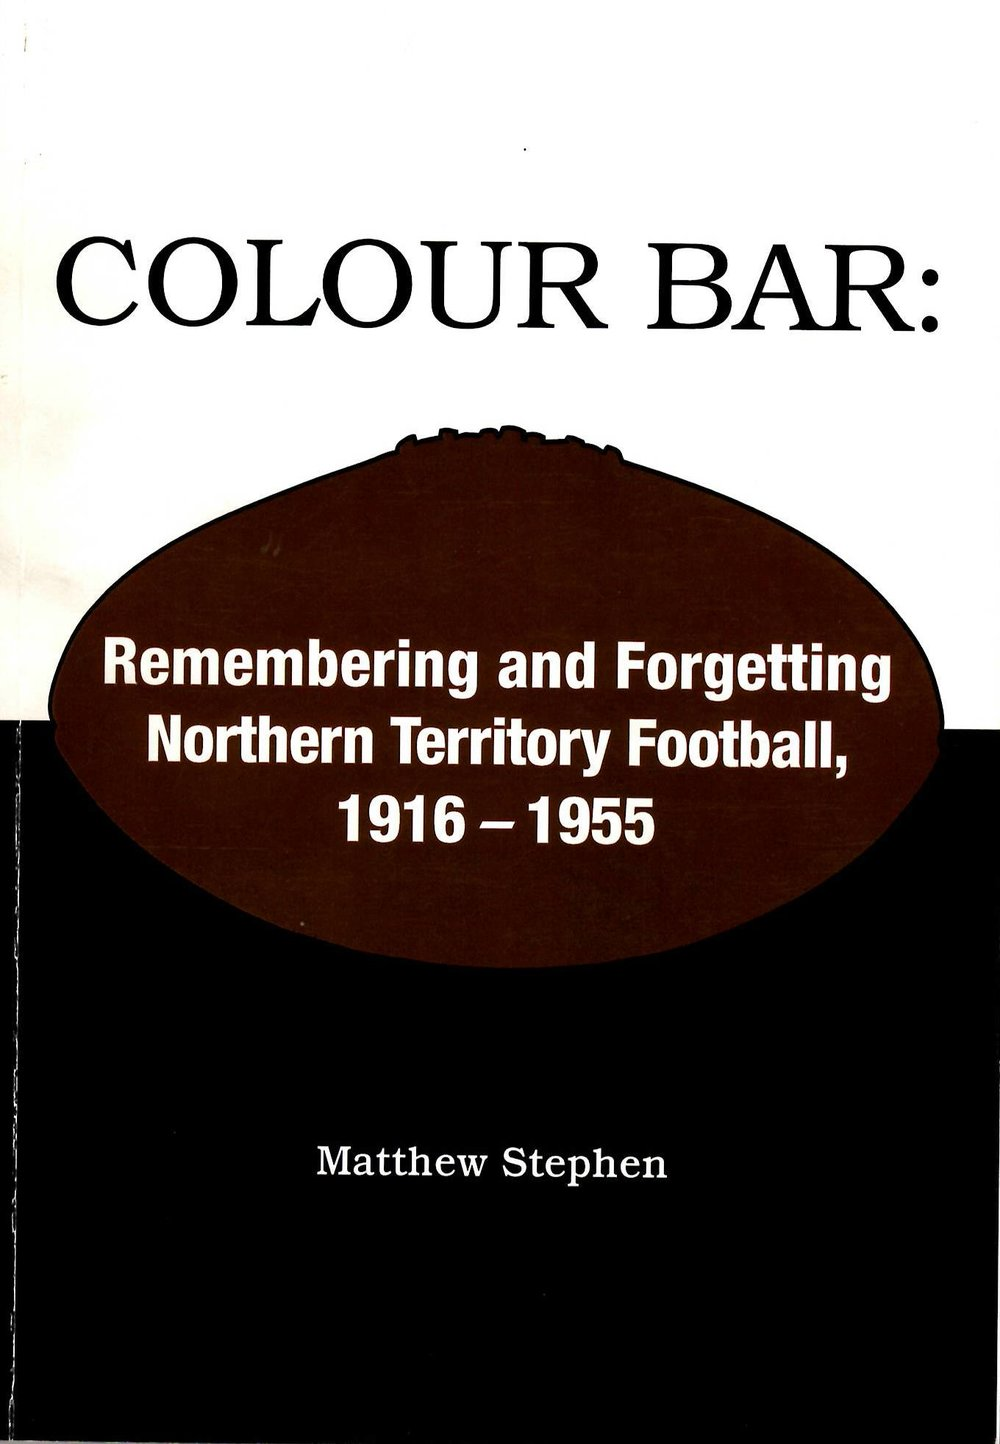 Colour Bar Cover.jpg